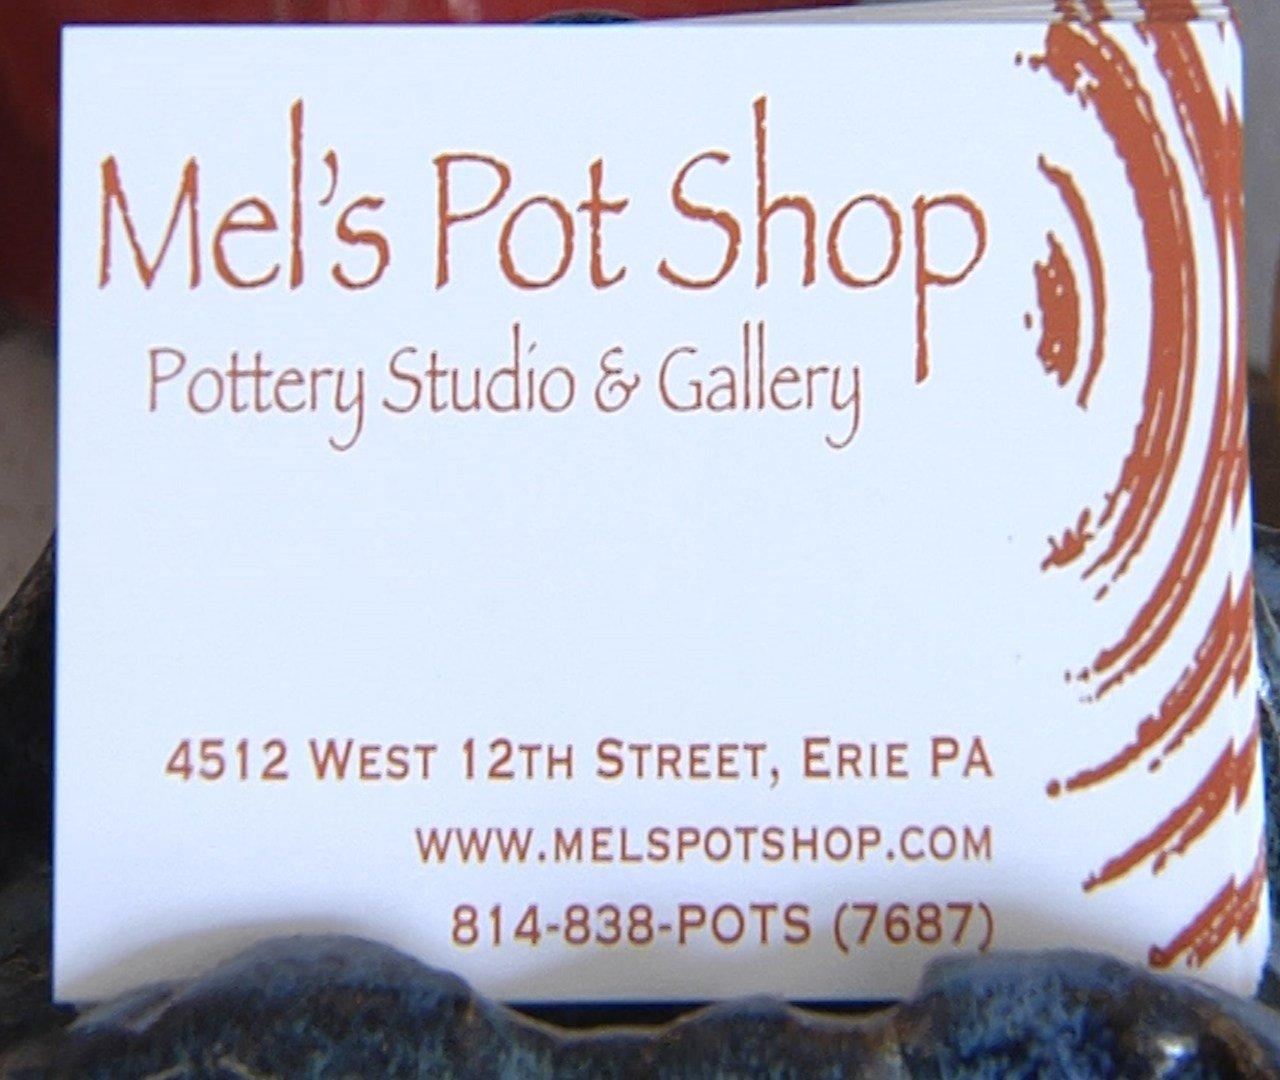 Mel's Pot Shop